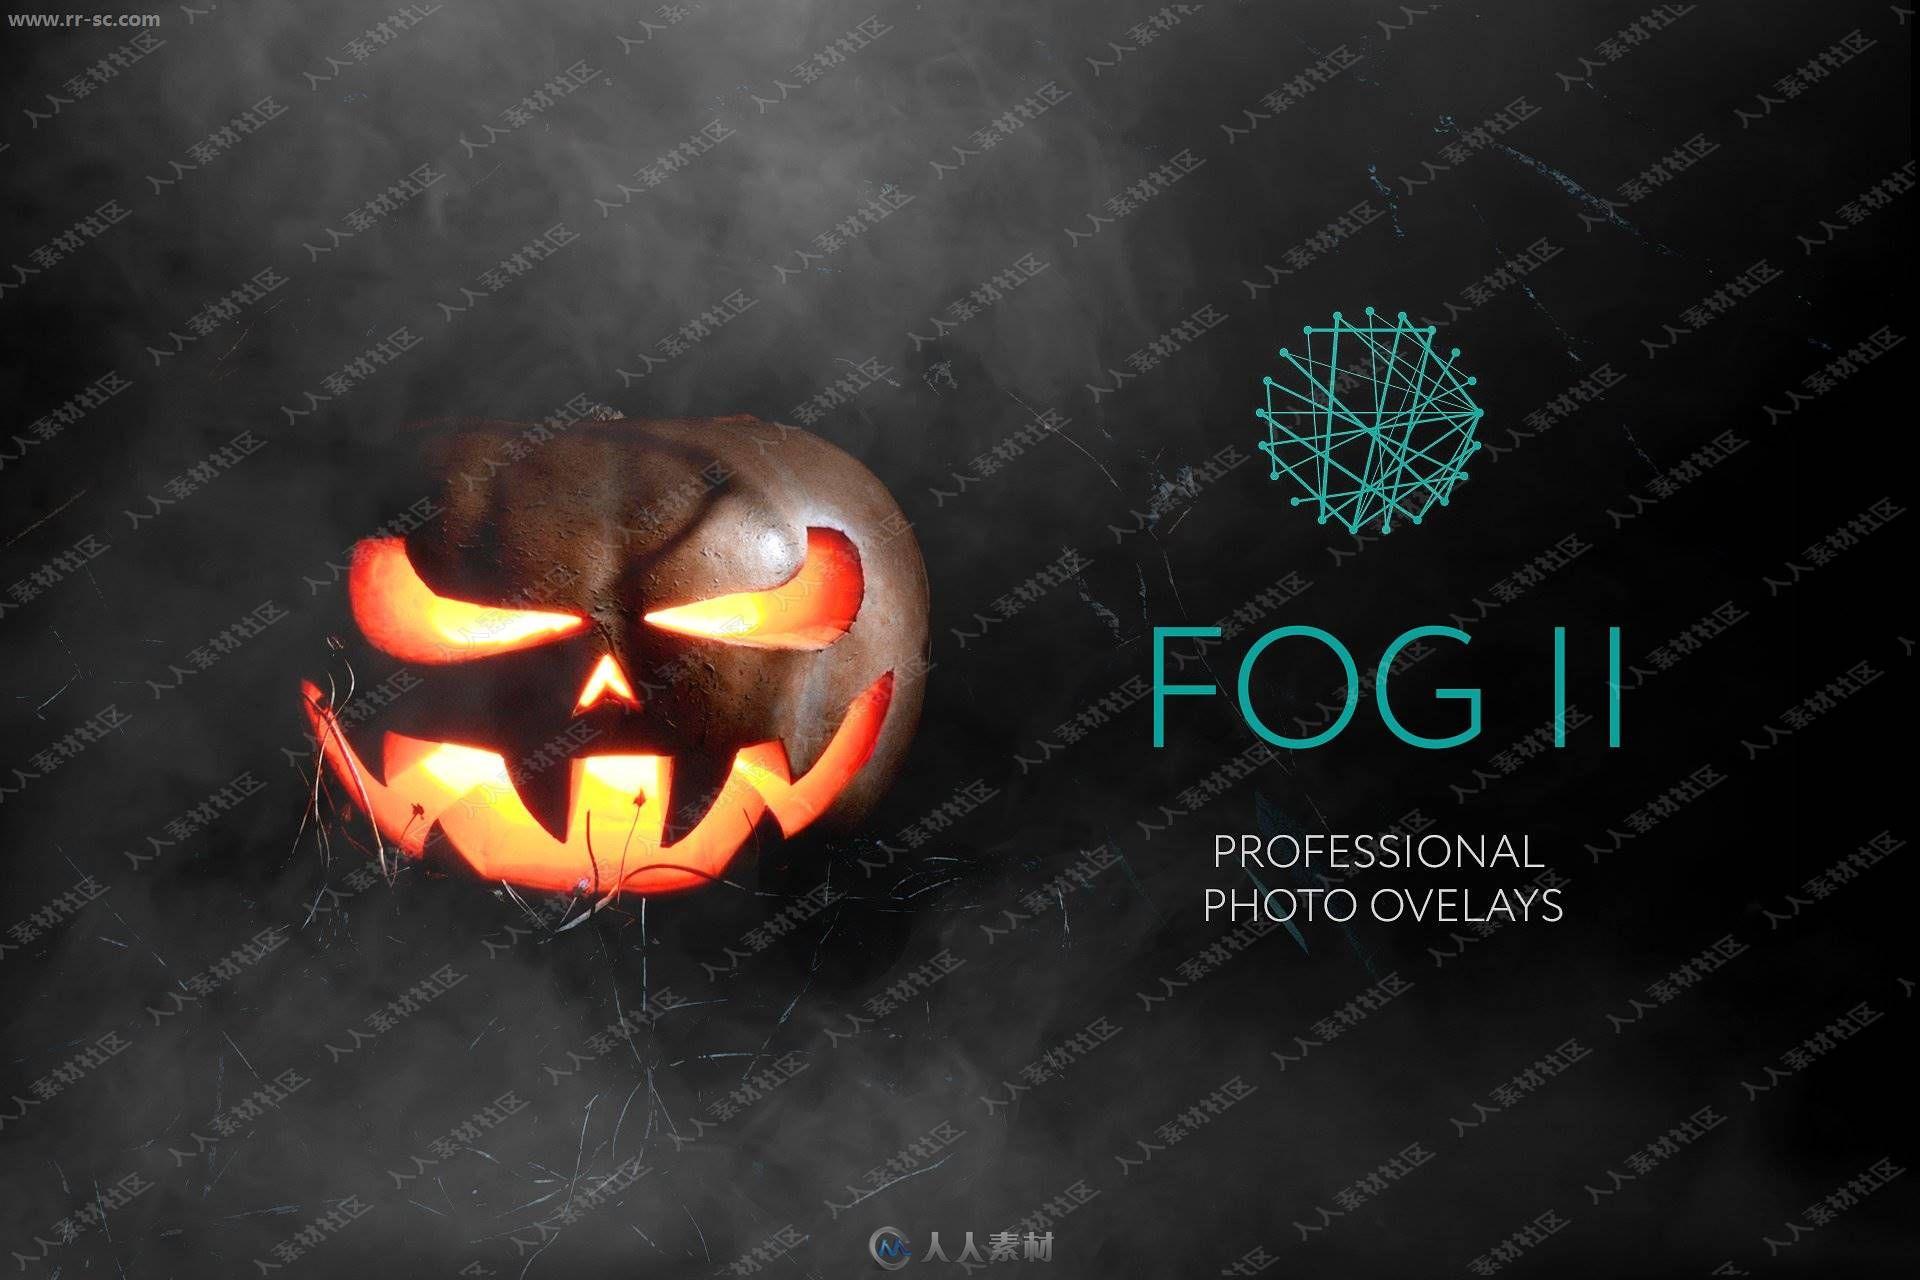 30组仙气朦胧雾霭环绕效果艺术特效PS动作